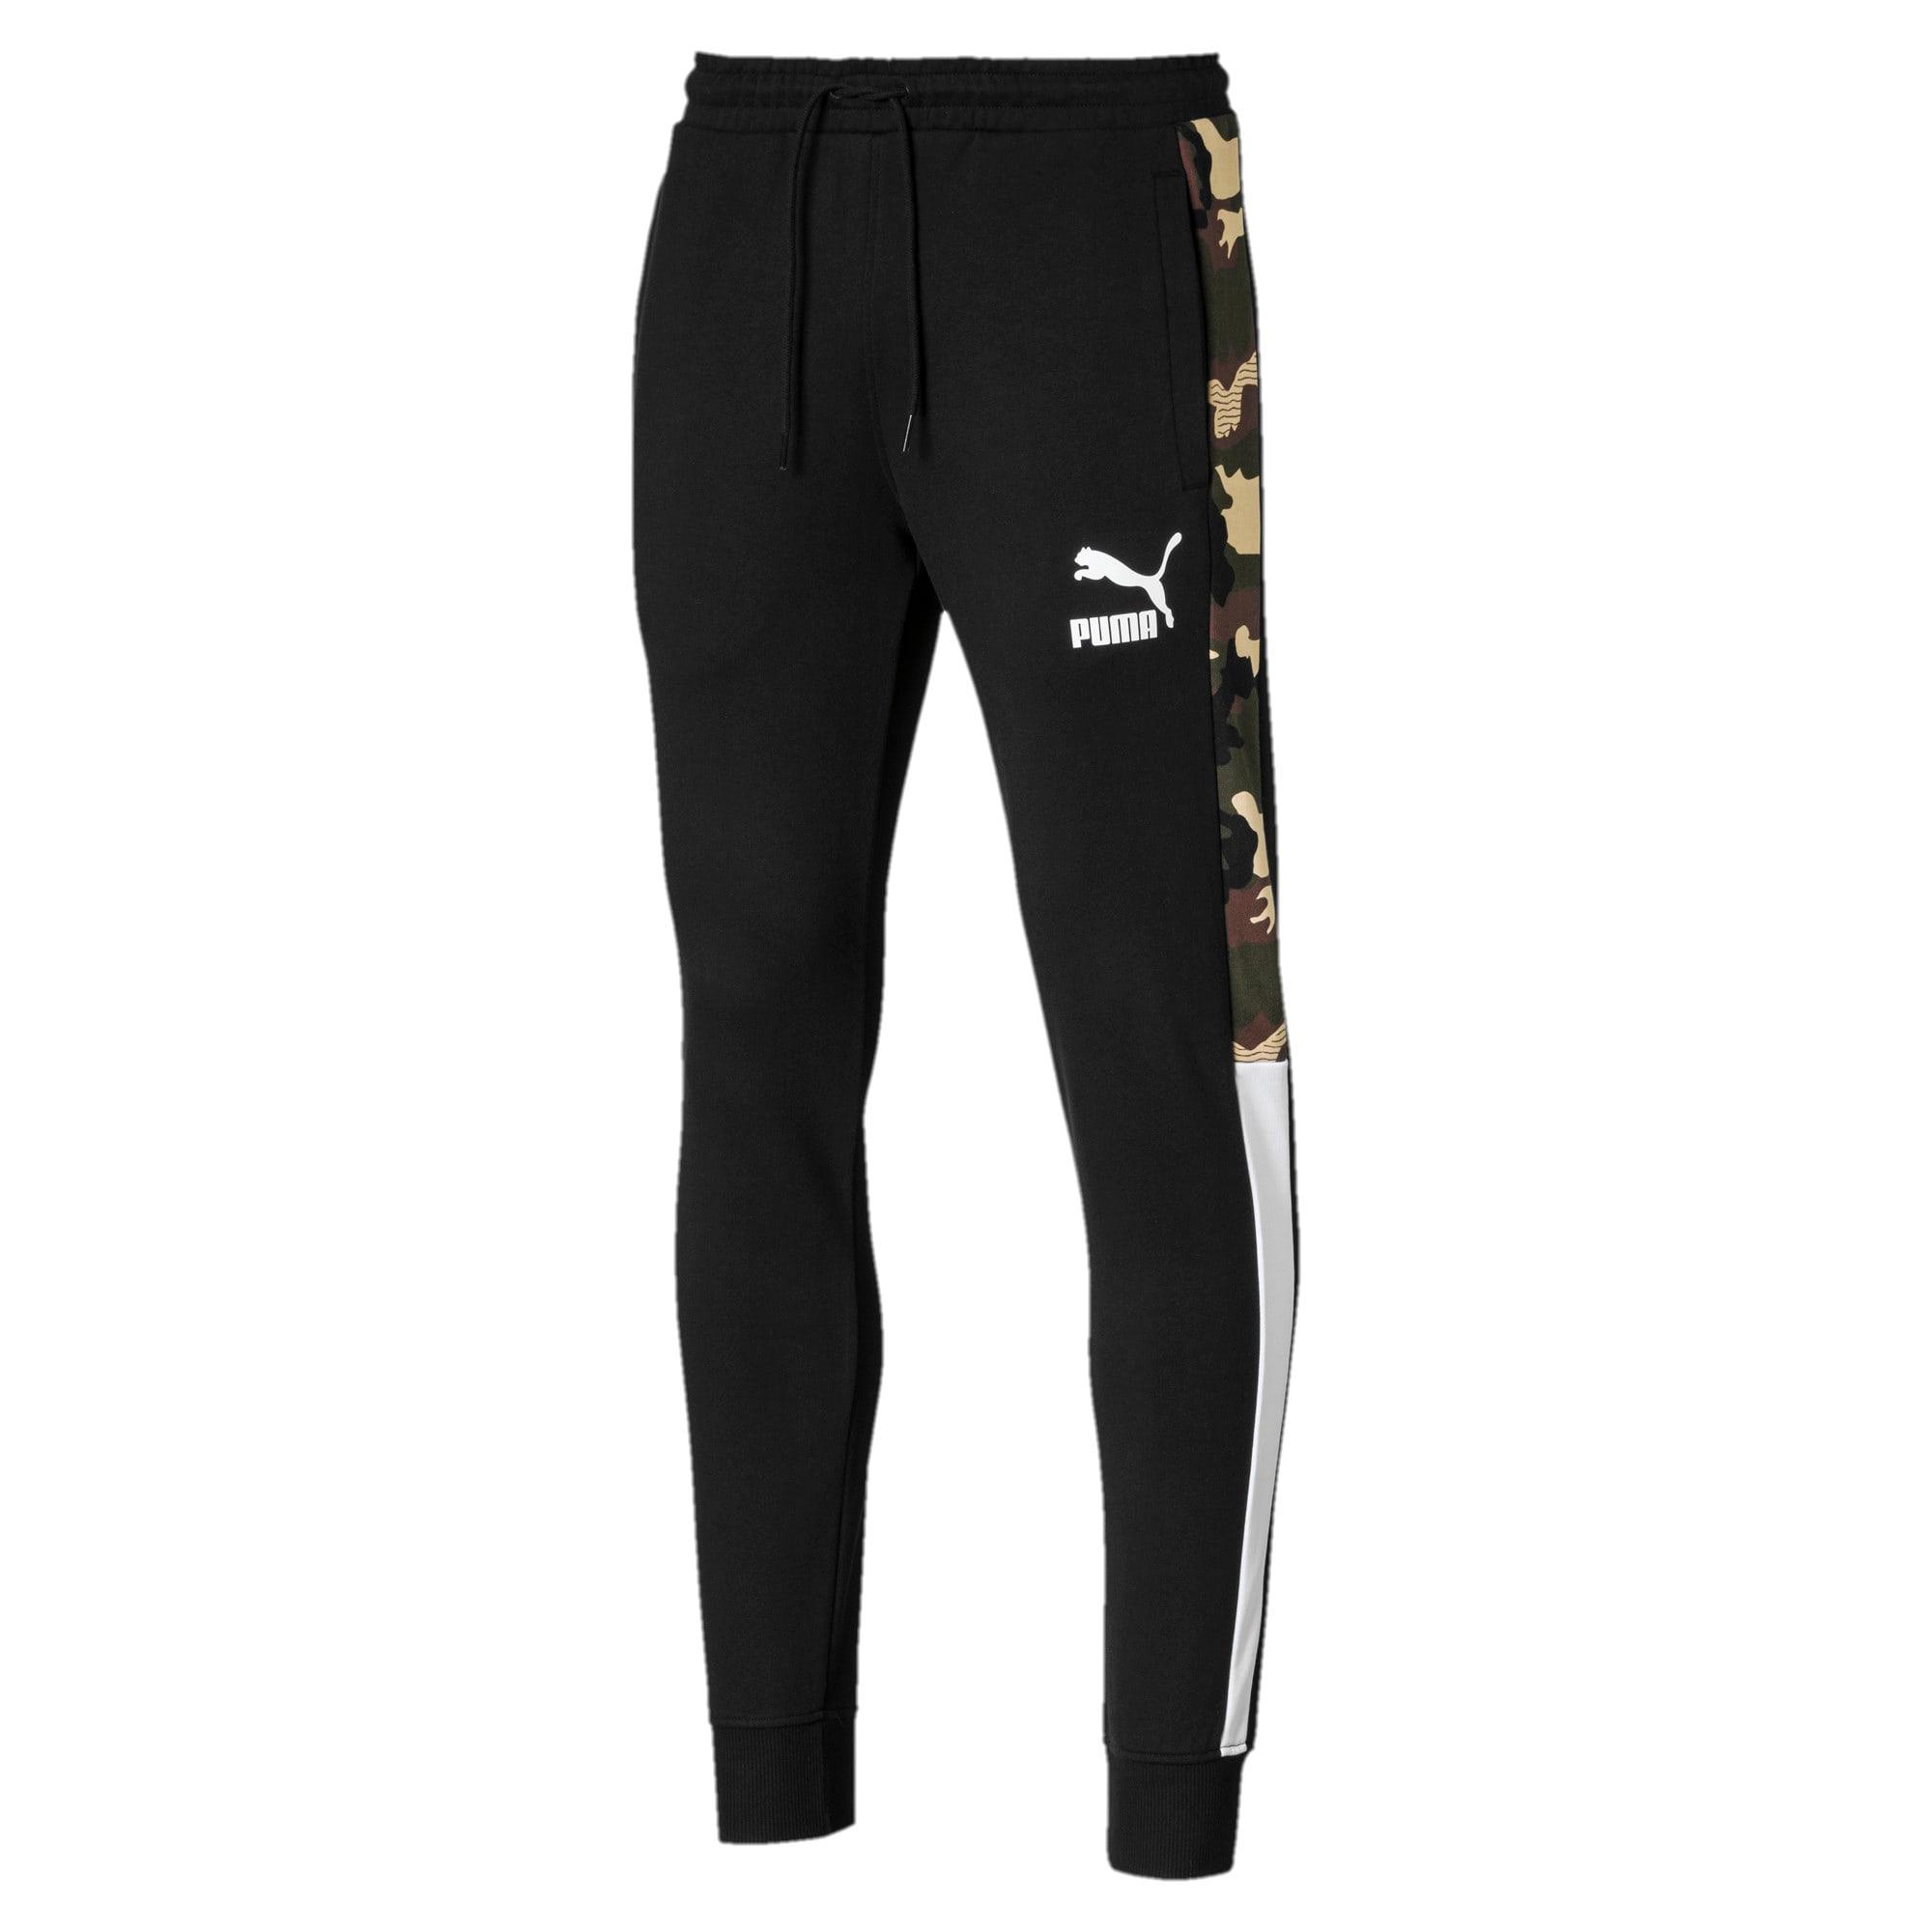 Thumbnail 4 of T7 Men's AOP Track Pants, Puma Black, medium